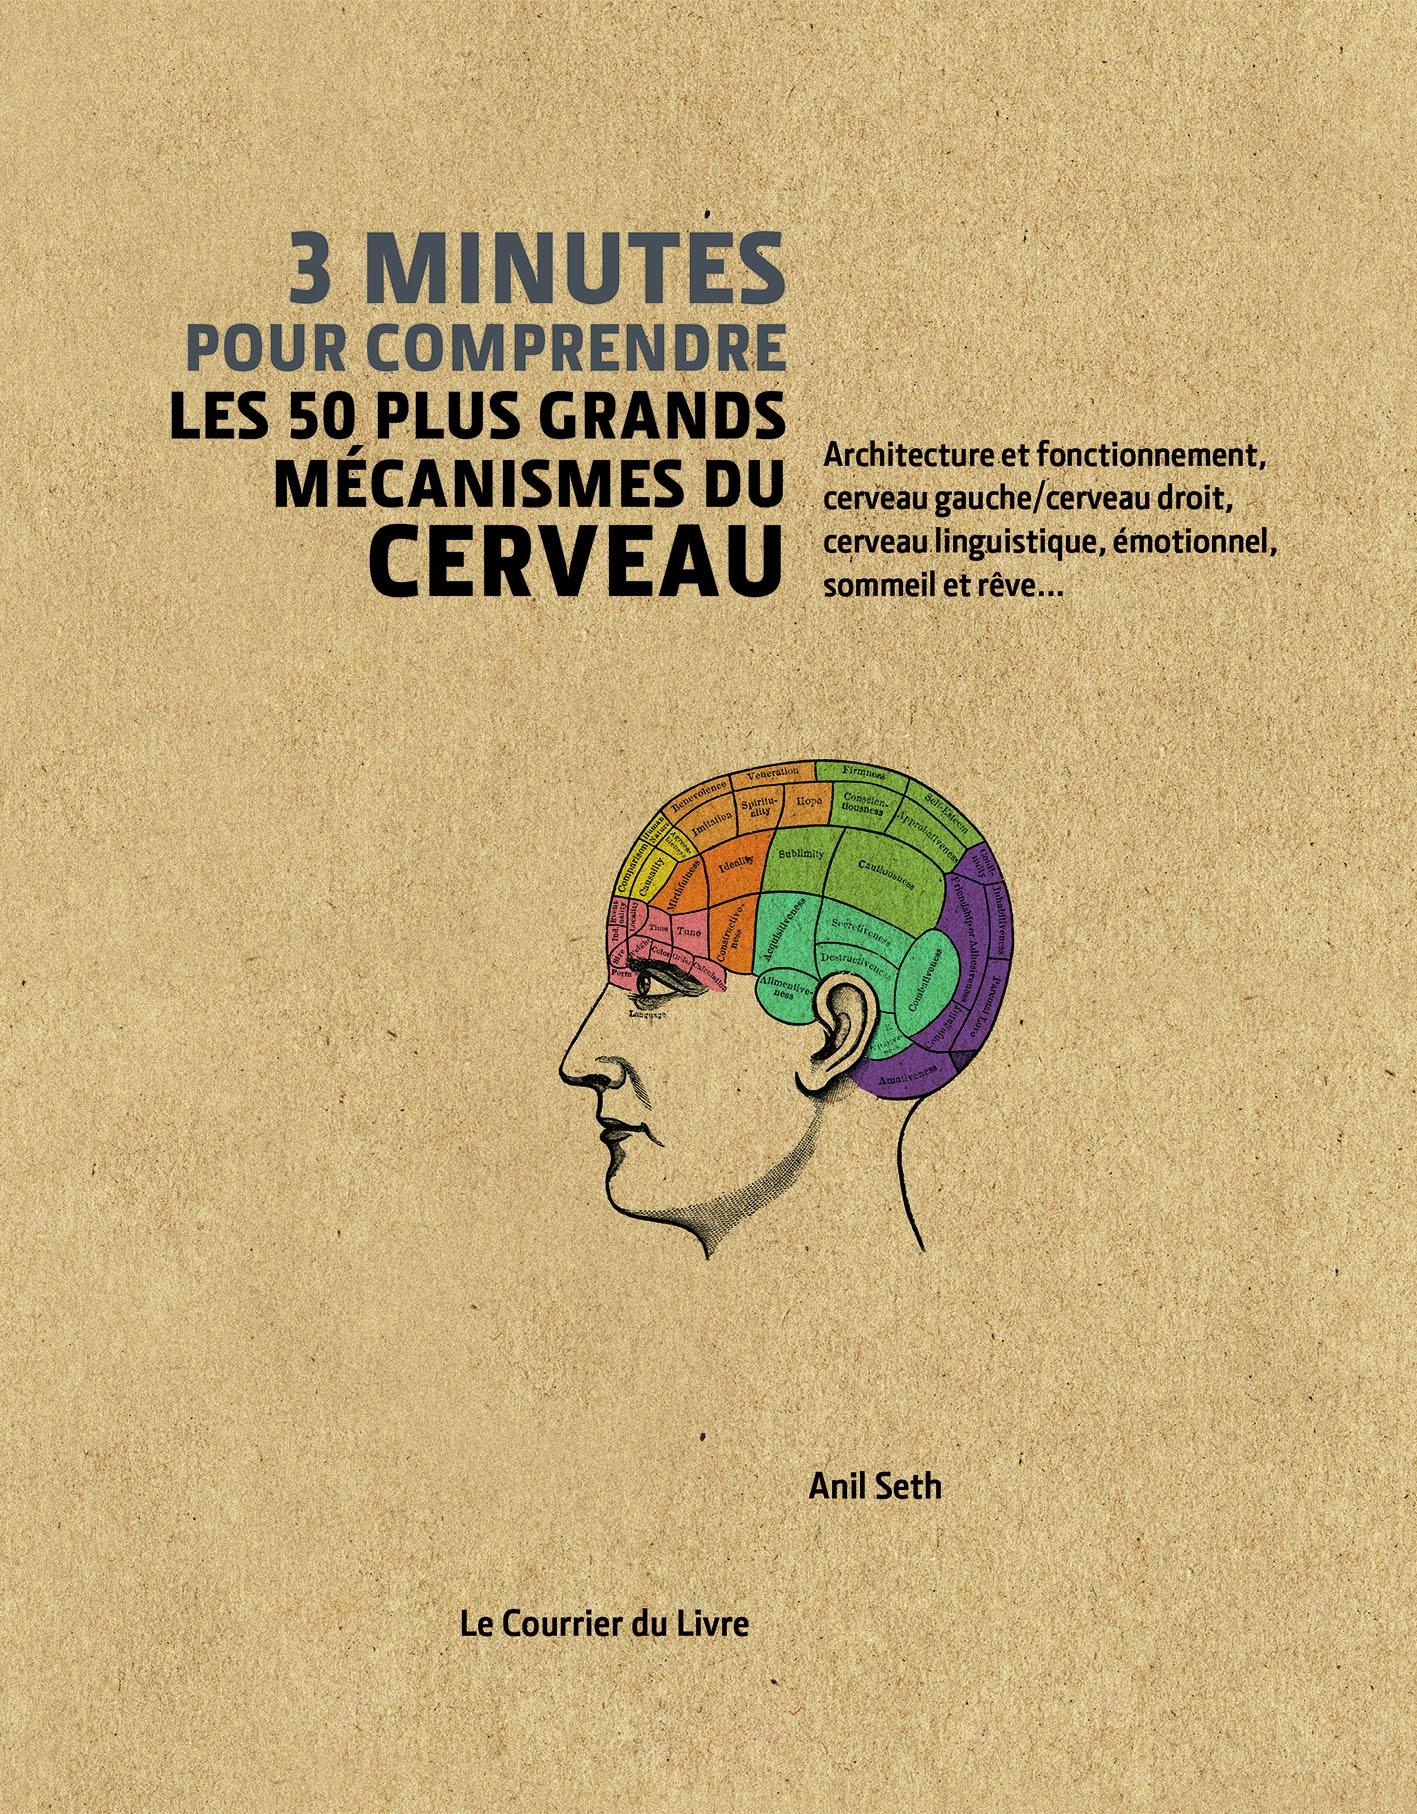 3 minutes pour comprendre les 50 plus grands mécanismes du cerveau, d'Anil Seth